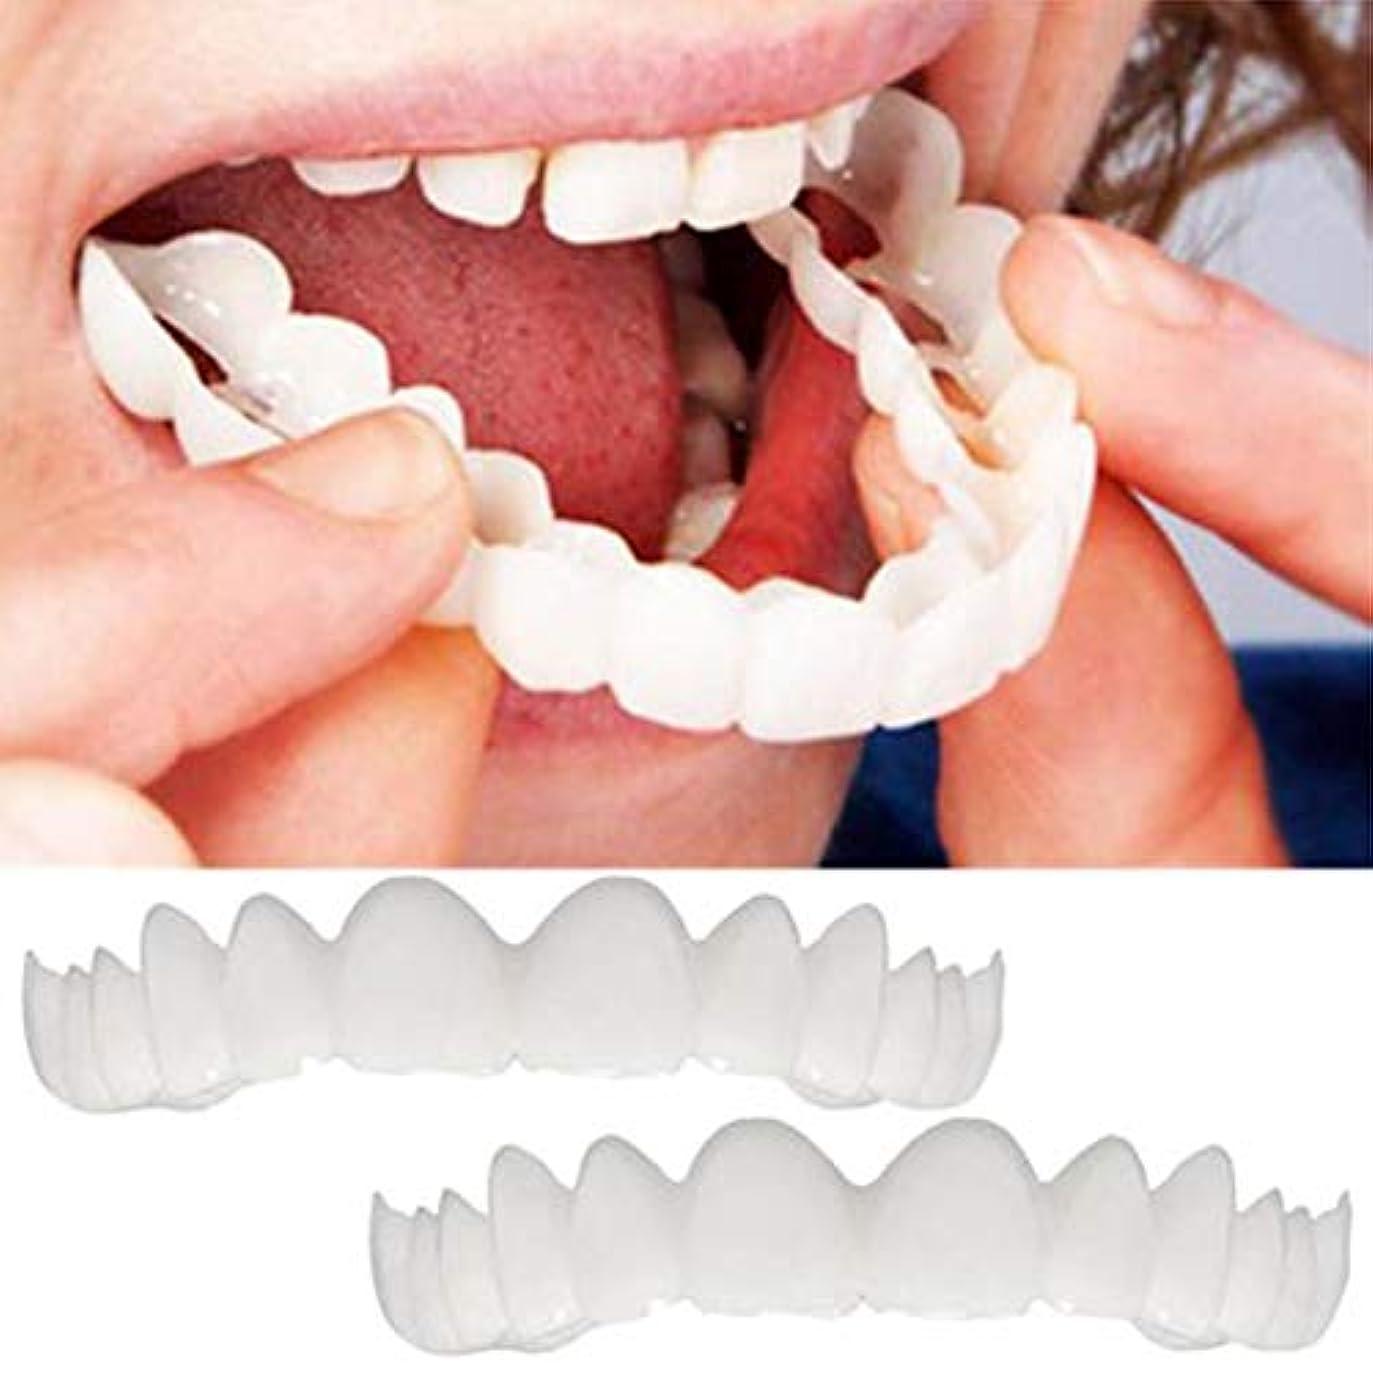 注文雄弁幅化粧品の歯、白い歯をきれいにするための快適なフィットフレックス歯のソケット、超快適、快適なフィット感、2セット